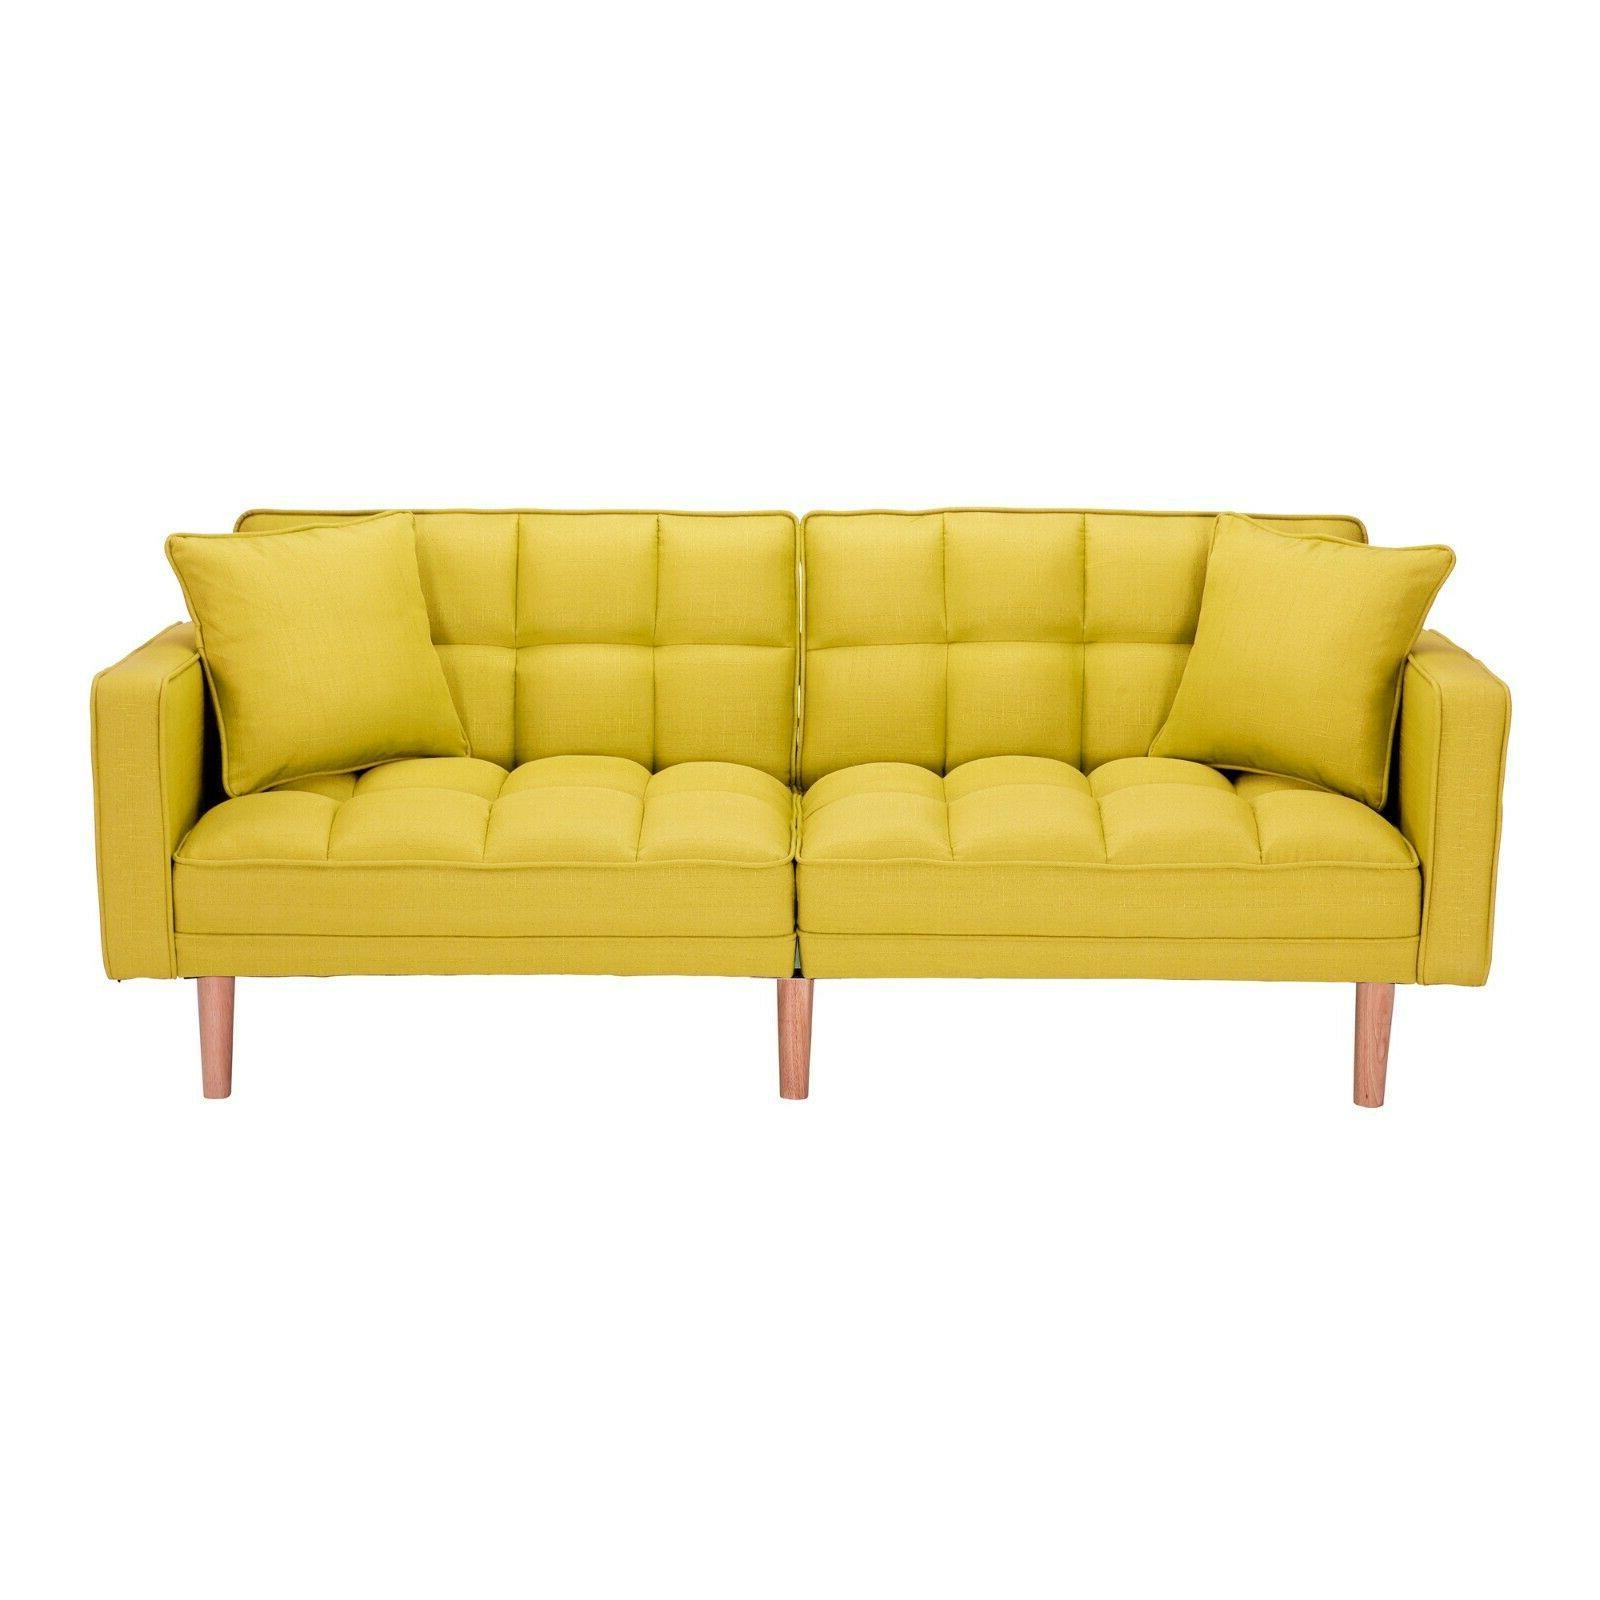 Modern Sofa Sleeper Futon With Pillows Sofa